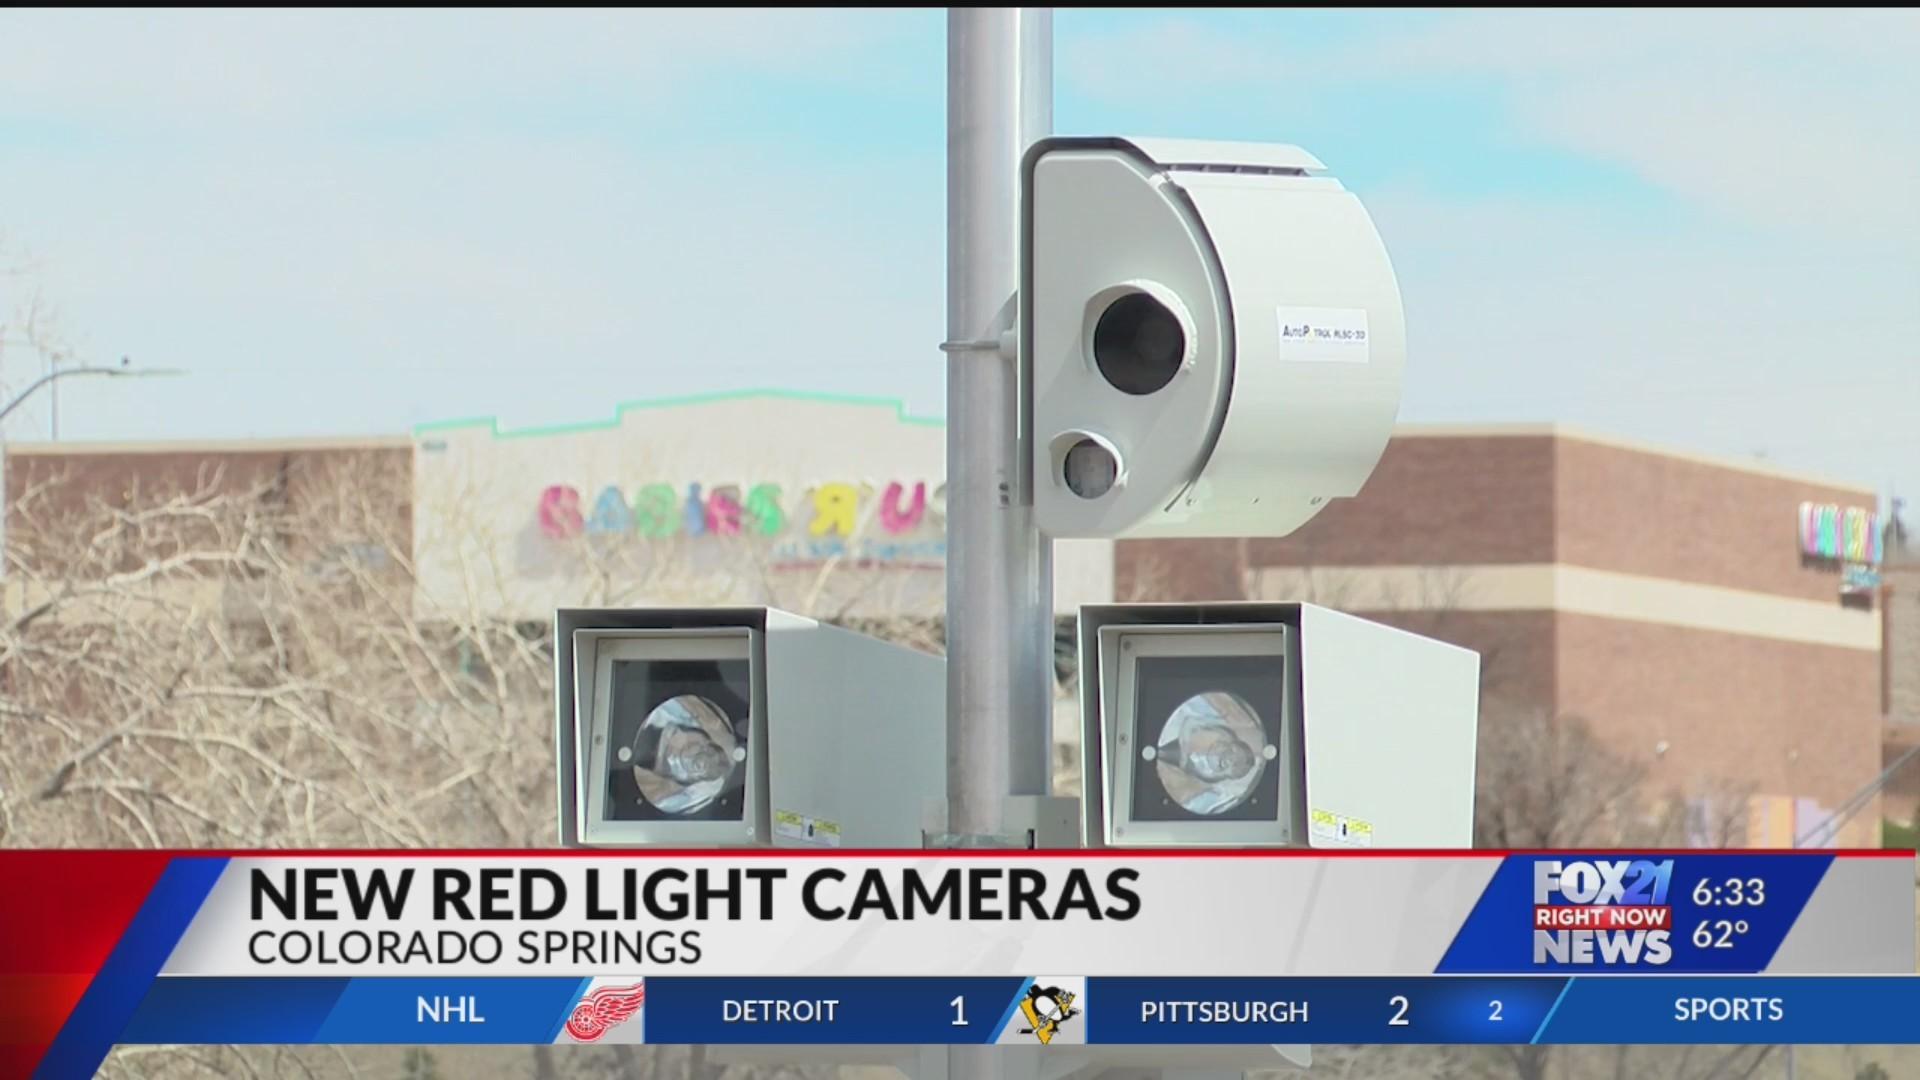 New_Red_Light_Cameras_1_20190405011301